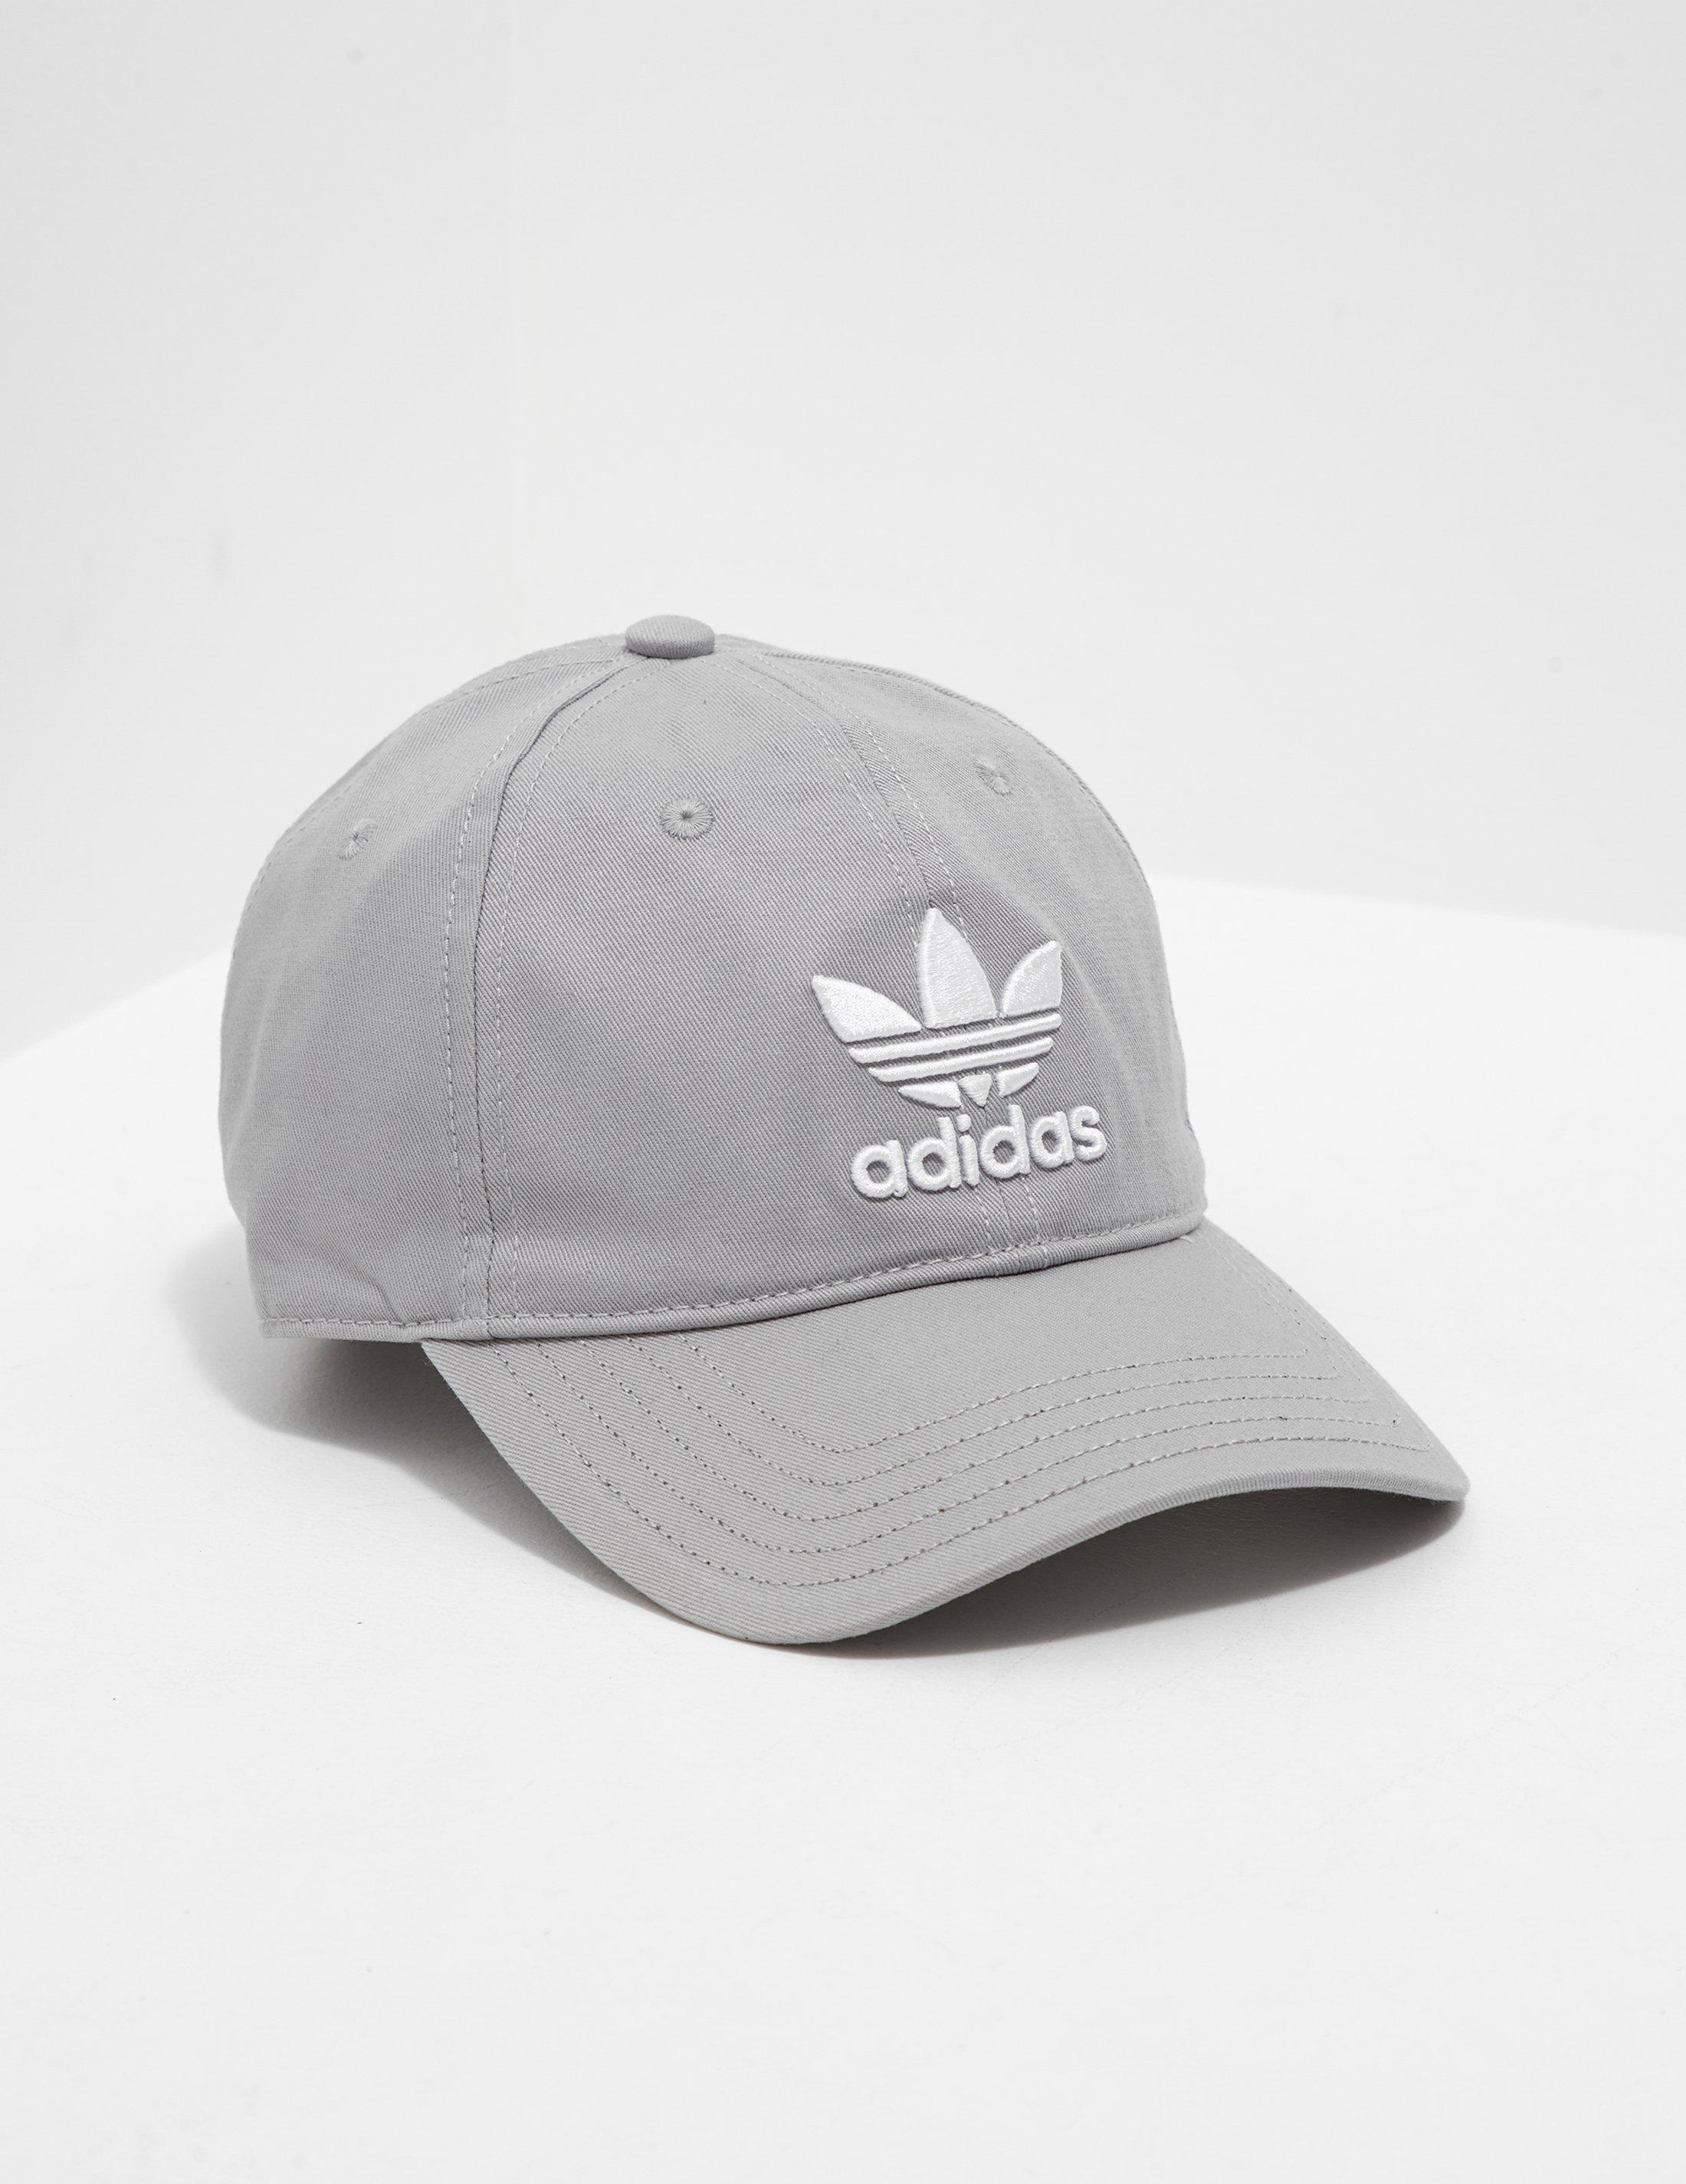 018d847f adidas Originals Mens Trefoil Classic Cap Grey in Gray for Men - Lyst